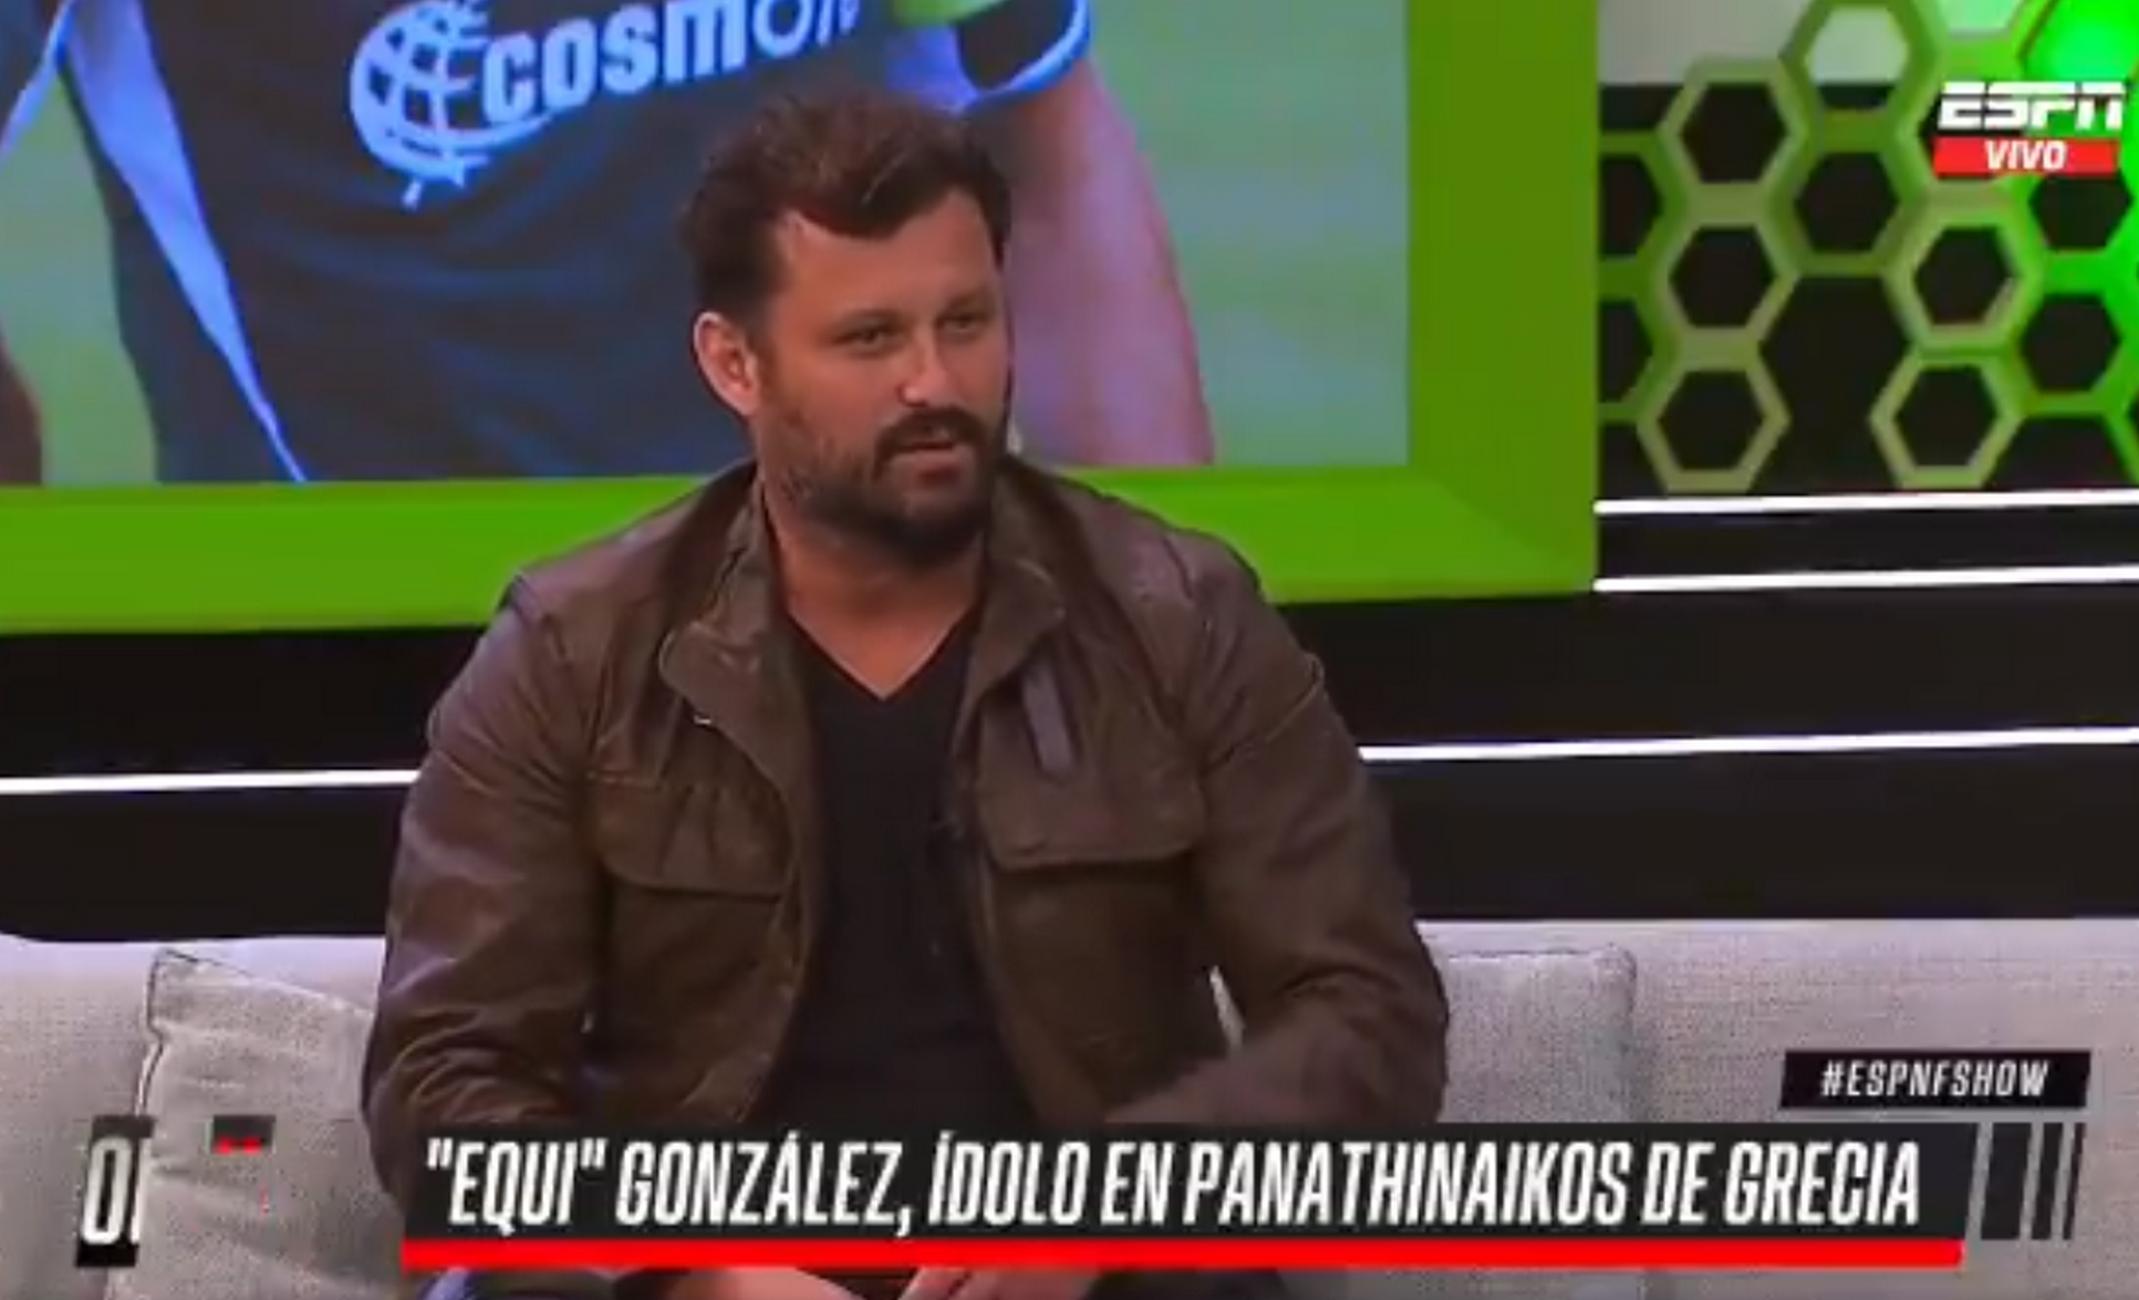 Έκι Γκονζάλες: «Έχω πάρει 20 κιλά – Μερικές φορές θυμάμαι ότι ήμουν ποδοσφαιριστής»